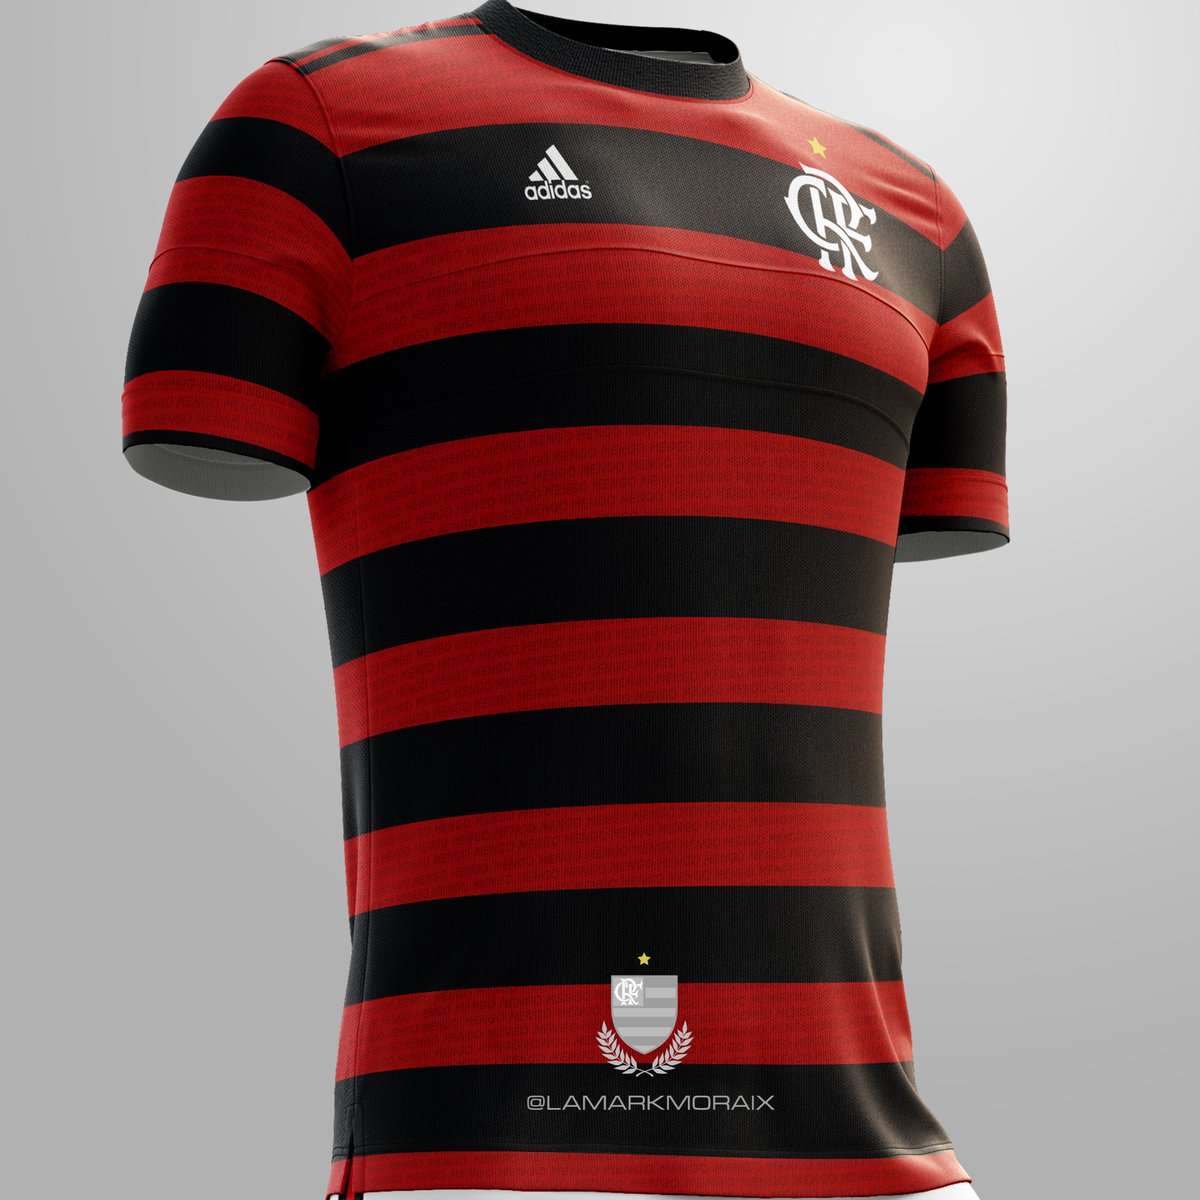 5ebeaed60 Novo uniforme do Flamengo será lançado na próxima semana